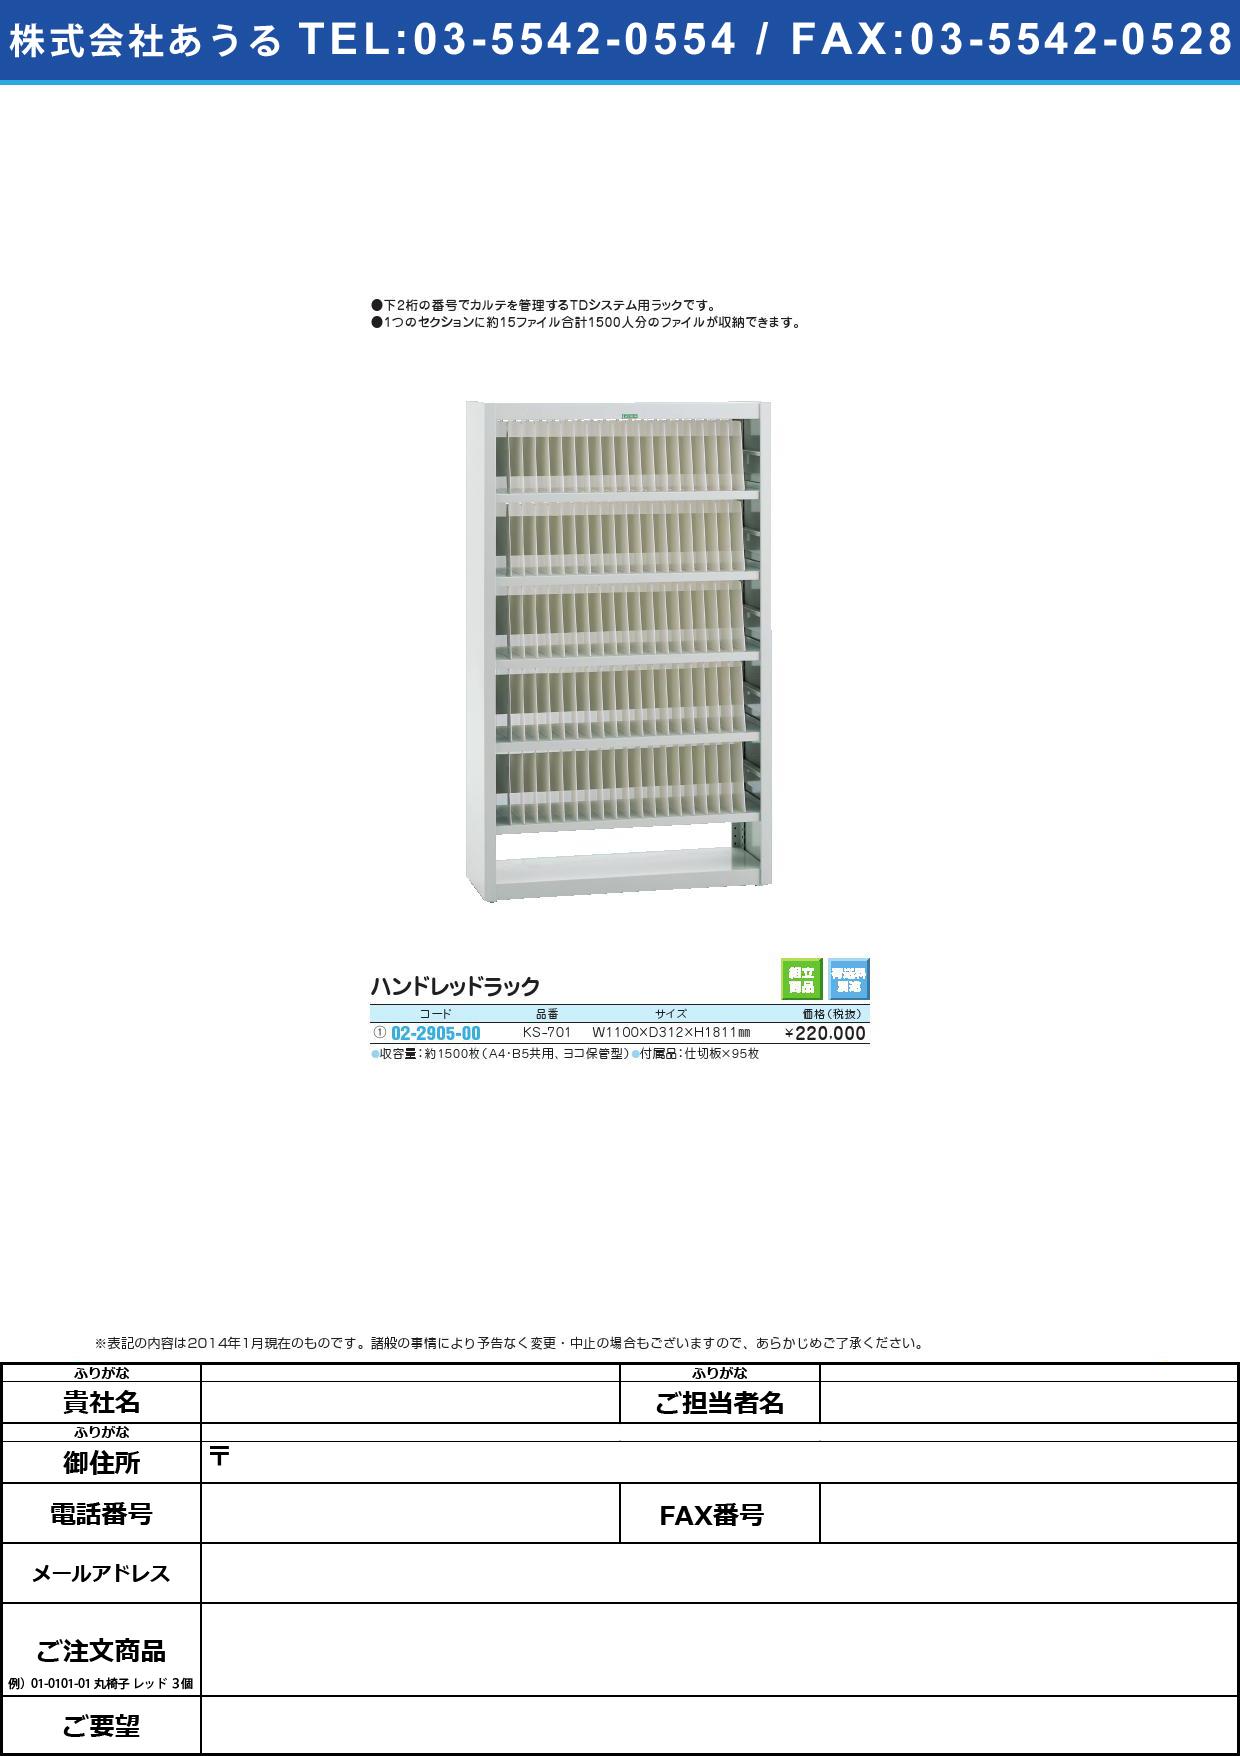 ハンドレッドラック ハンドレットラック(02-2905-00)KS-701【1台単位】